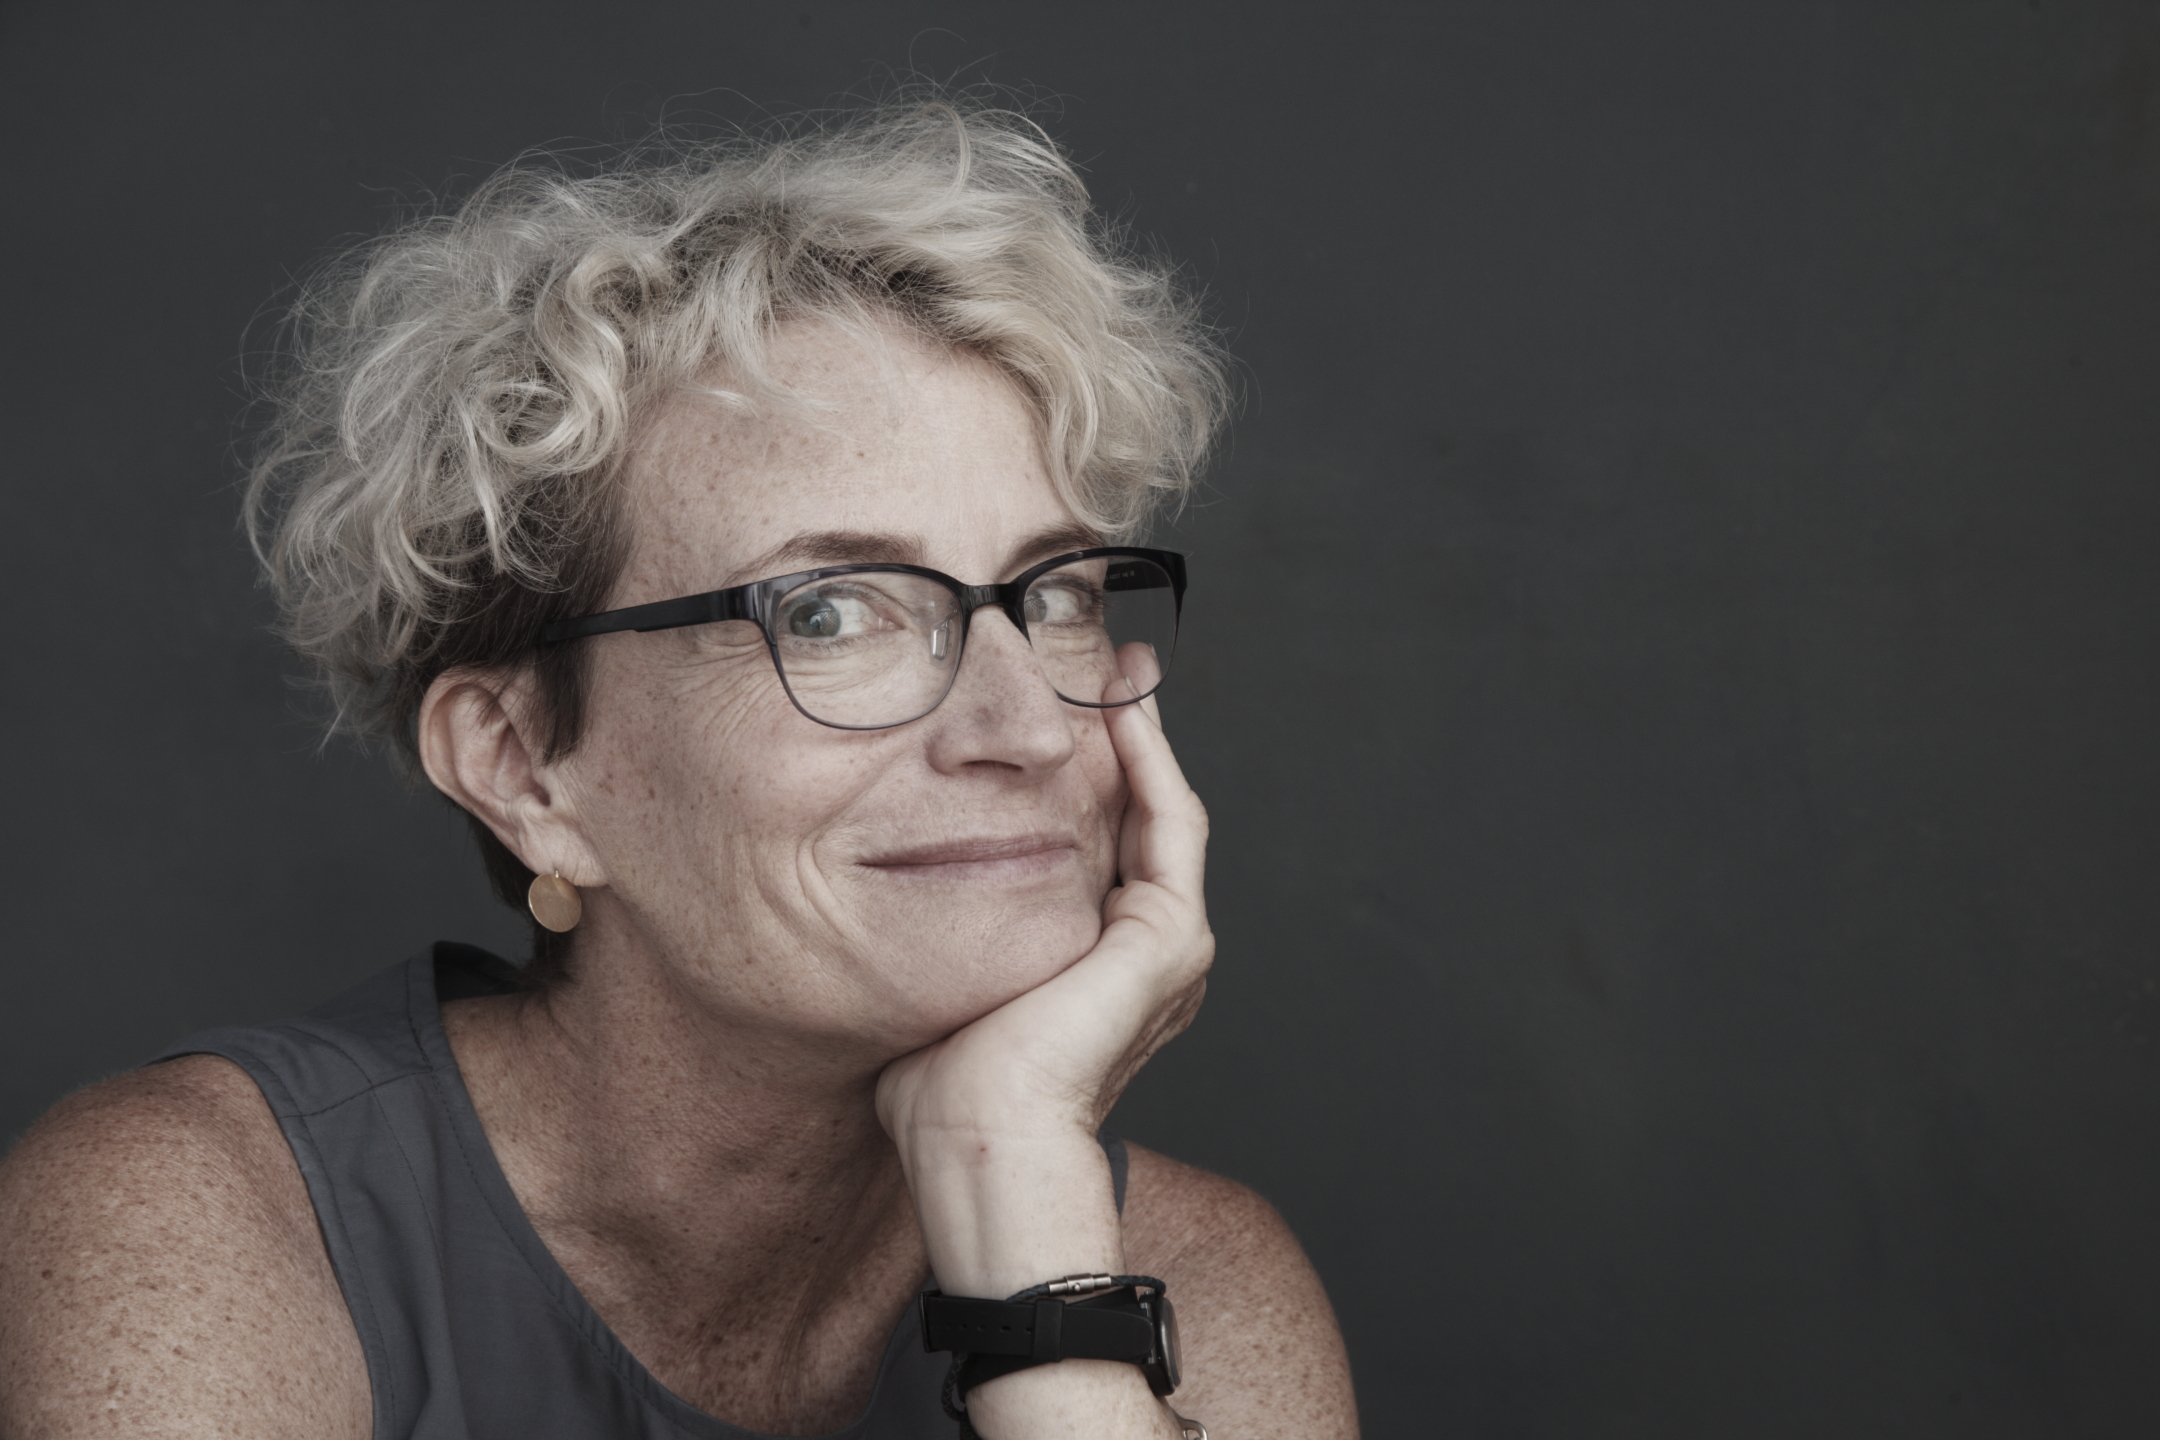 Anti-ageism activist Ashton Applewhite.